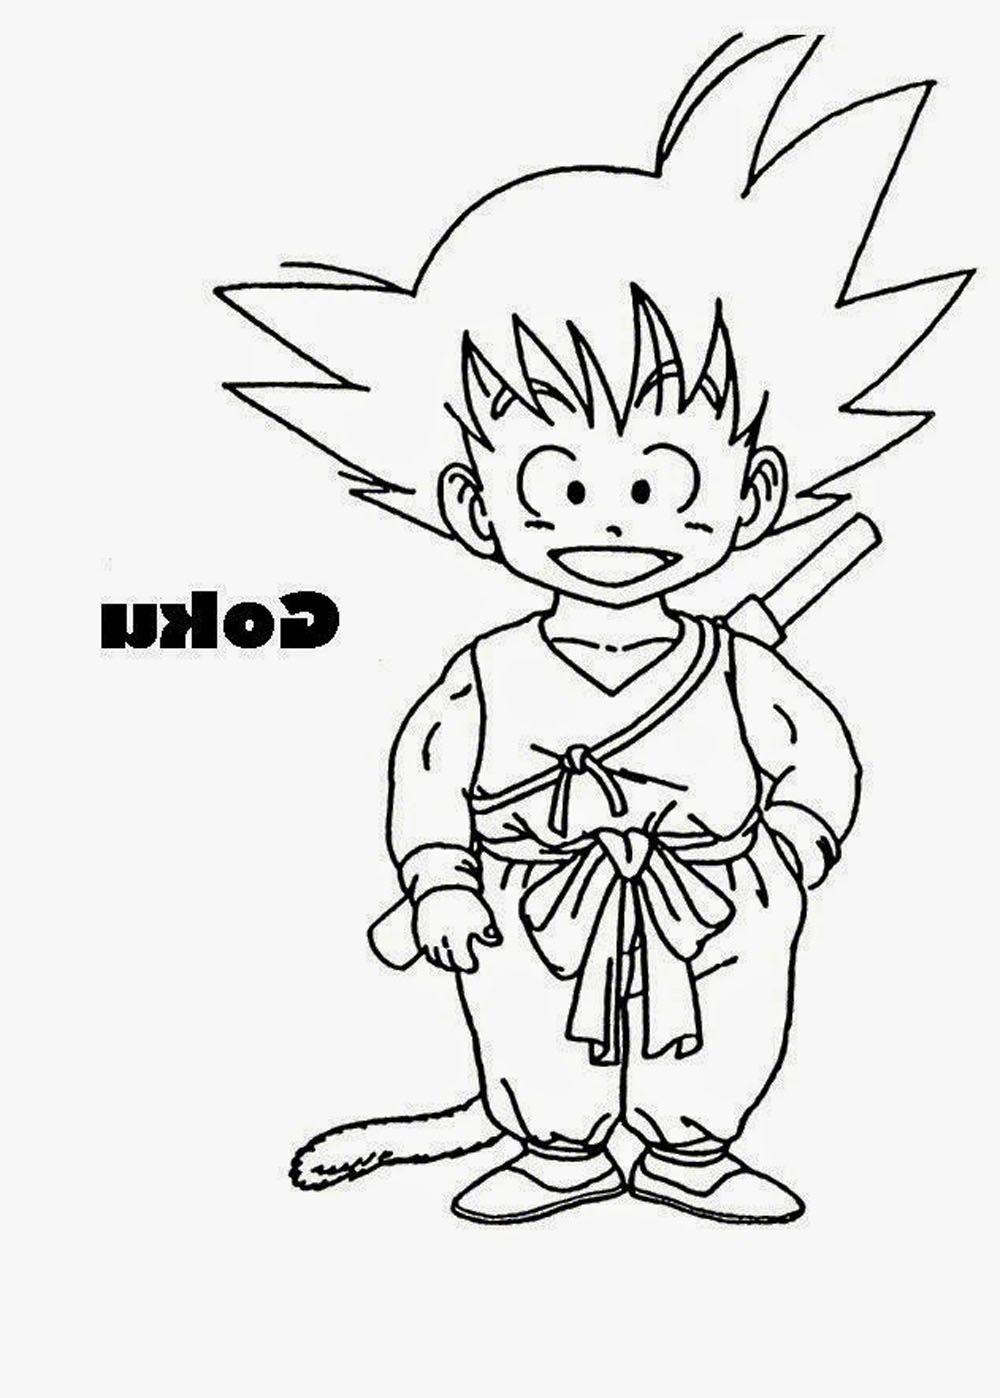 Dibujo De Goku Nino Con Cola Para Imprimir Doibujar Y Colorear on Dibujos De Navidad Para Colorear